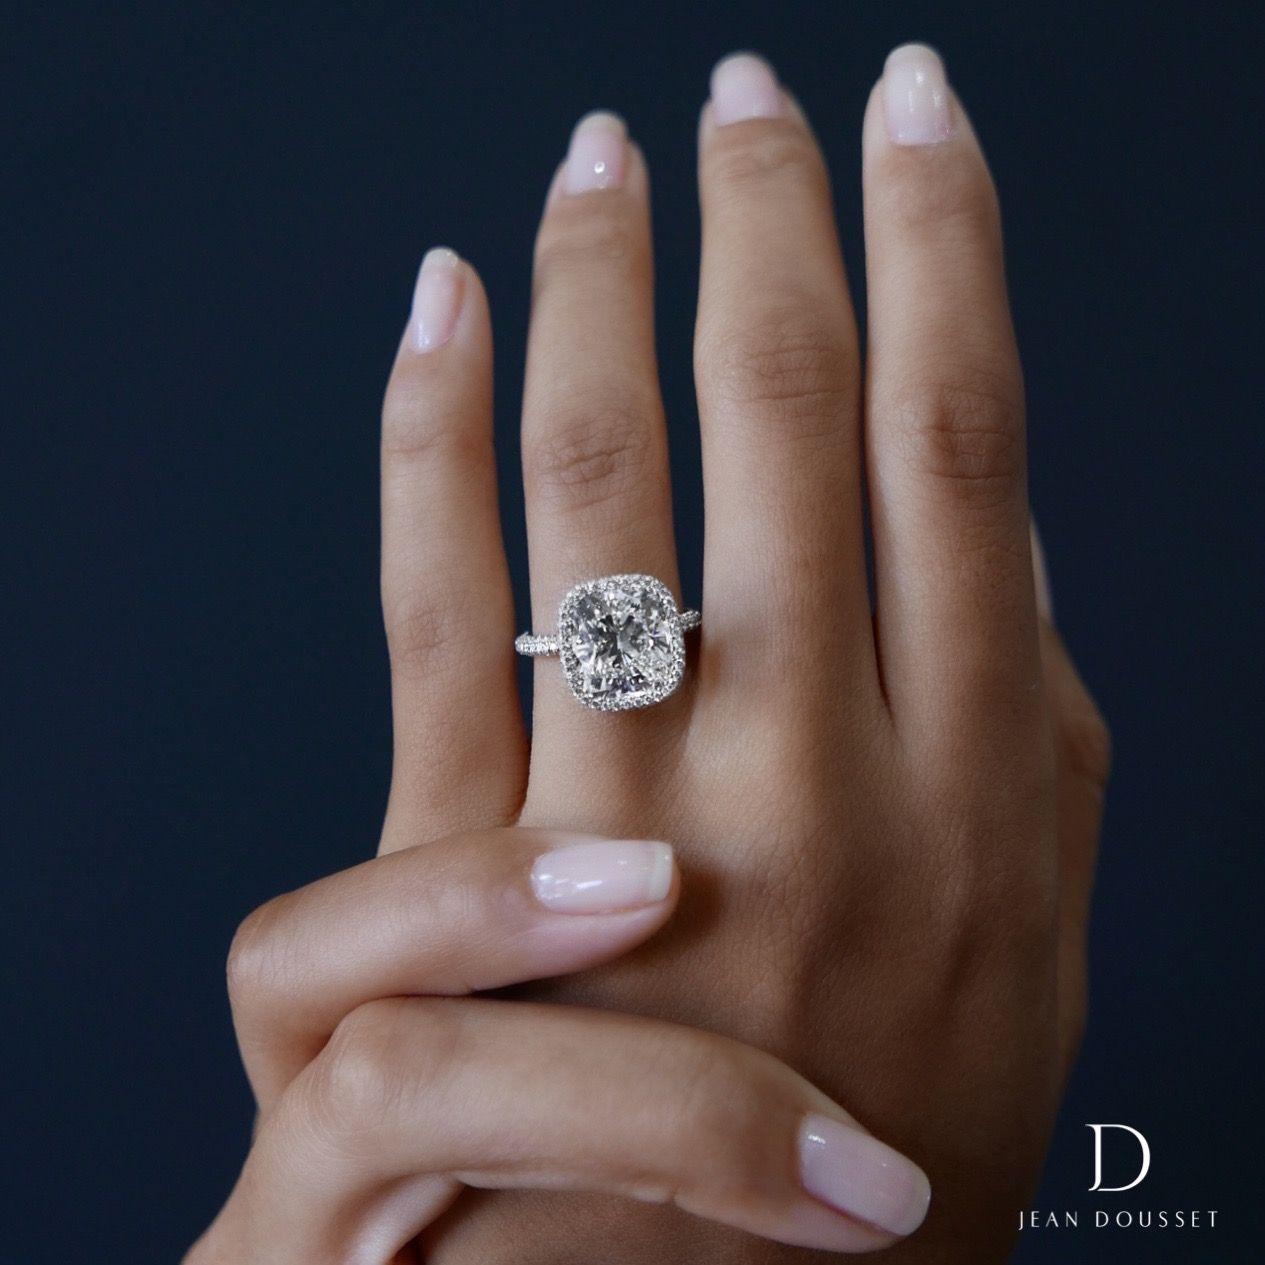 5 00 Carats Of Dreamy Diamond Unique Engagement Rings Wedding Rings Engagement Beautiful Engagement Rings